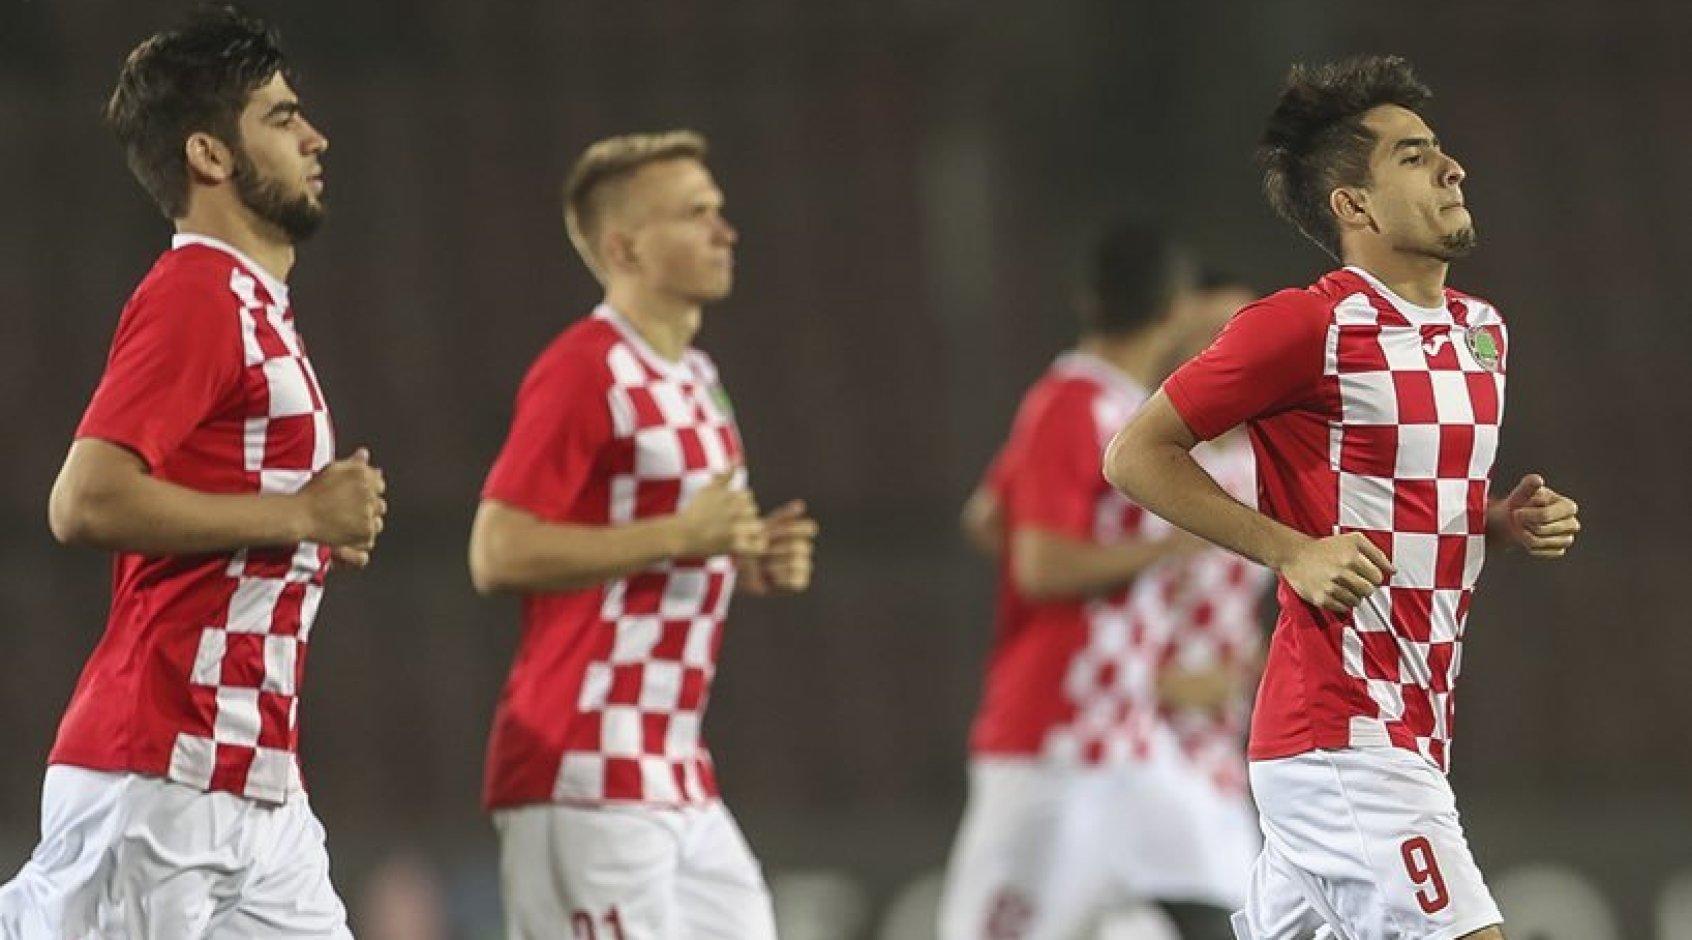 Клуб украинцев вылетел из 1/8 финала азиатской Лиги чемпионов